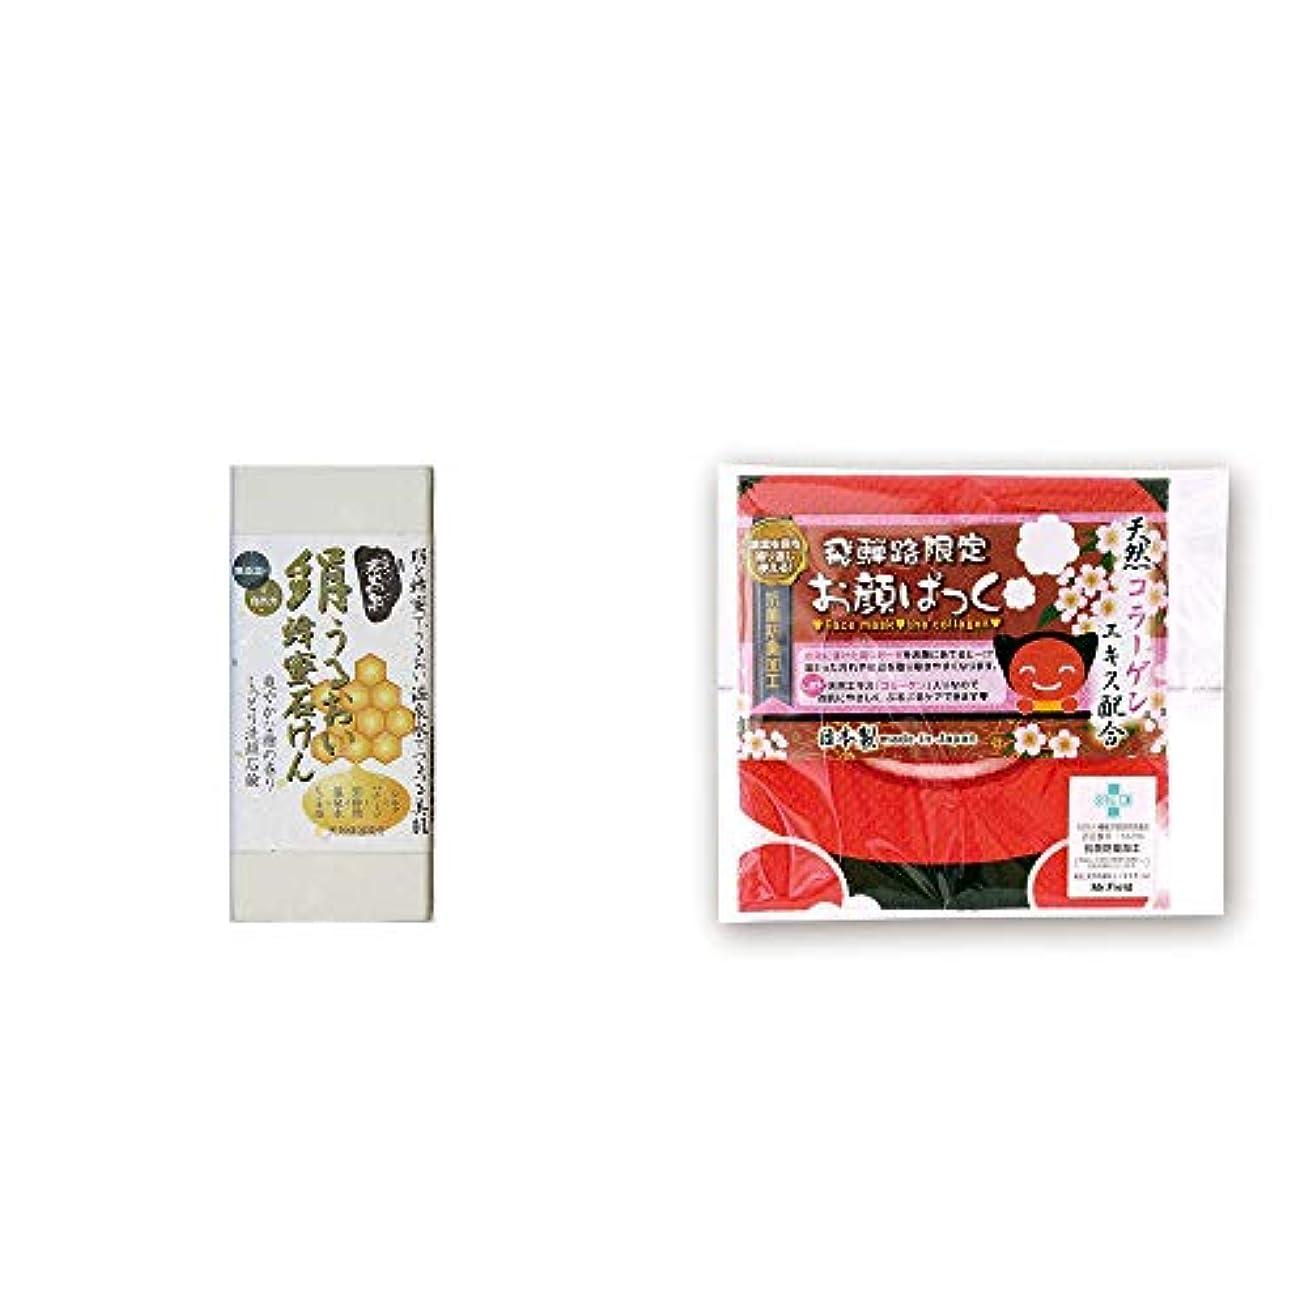 控えめなピケスカーフ[2点セット] ひのき炭黒泉 絹うるおい蜂蜜石けん(75g×2)?飛騨路限定 さるぼぼ お顔ぱっく[耳かけ紐付き](1枚入)/繰り返し使えるガーゼ生地フェイスパック(日本製)//